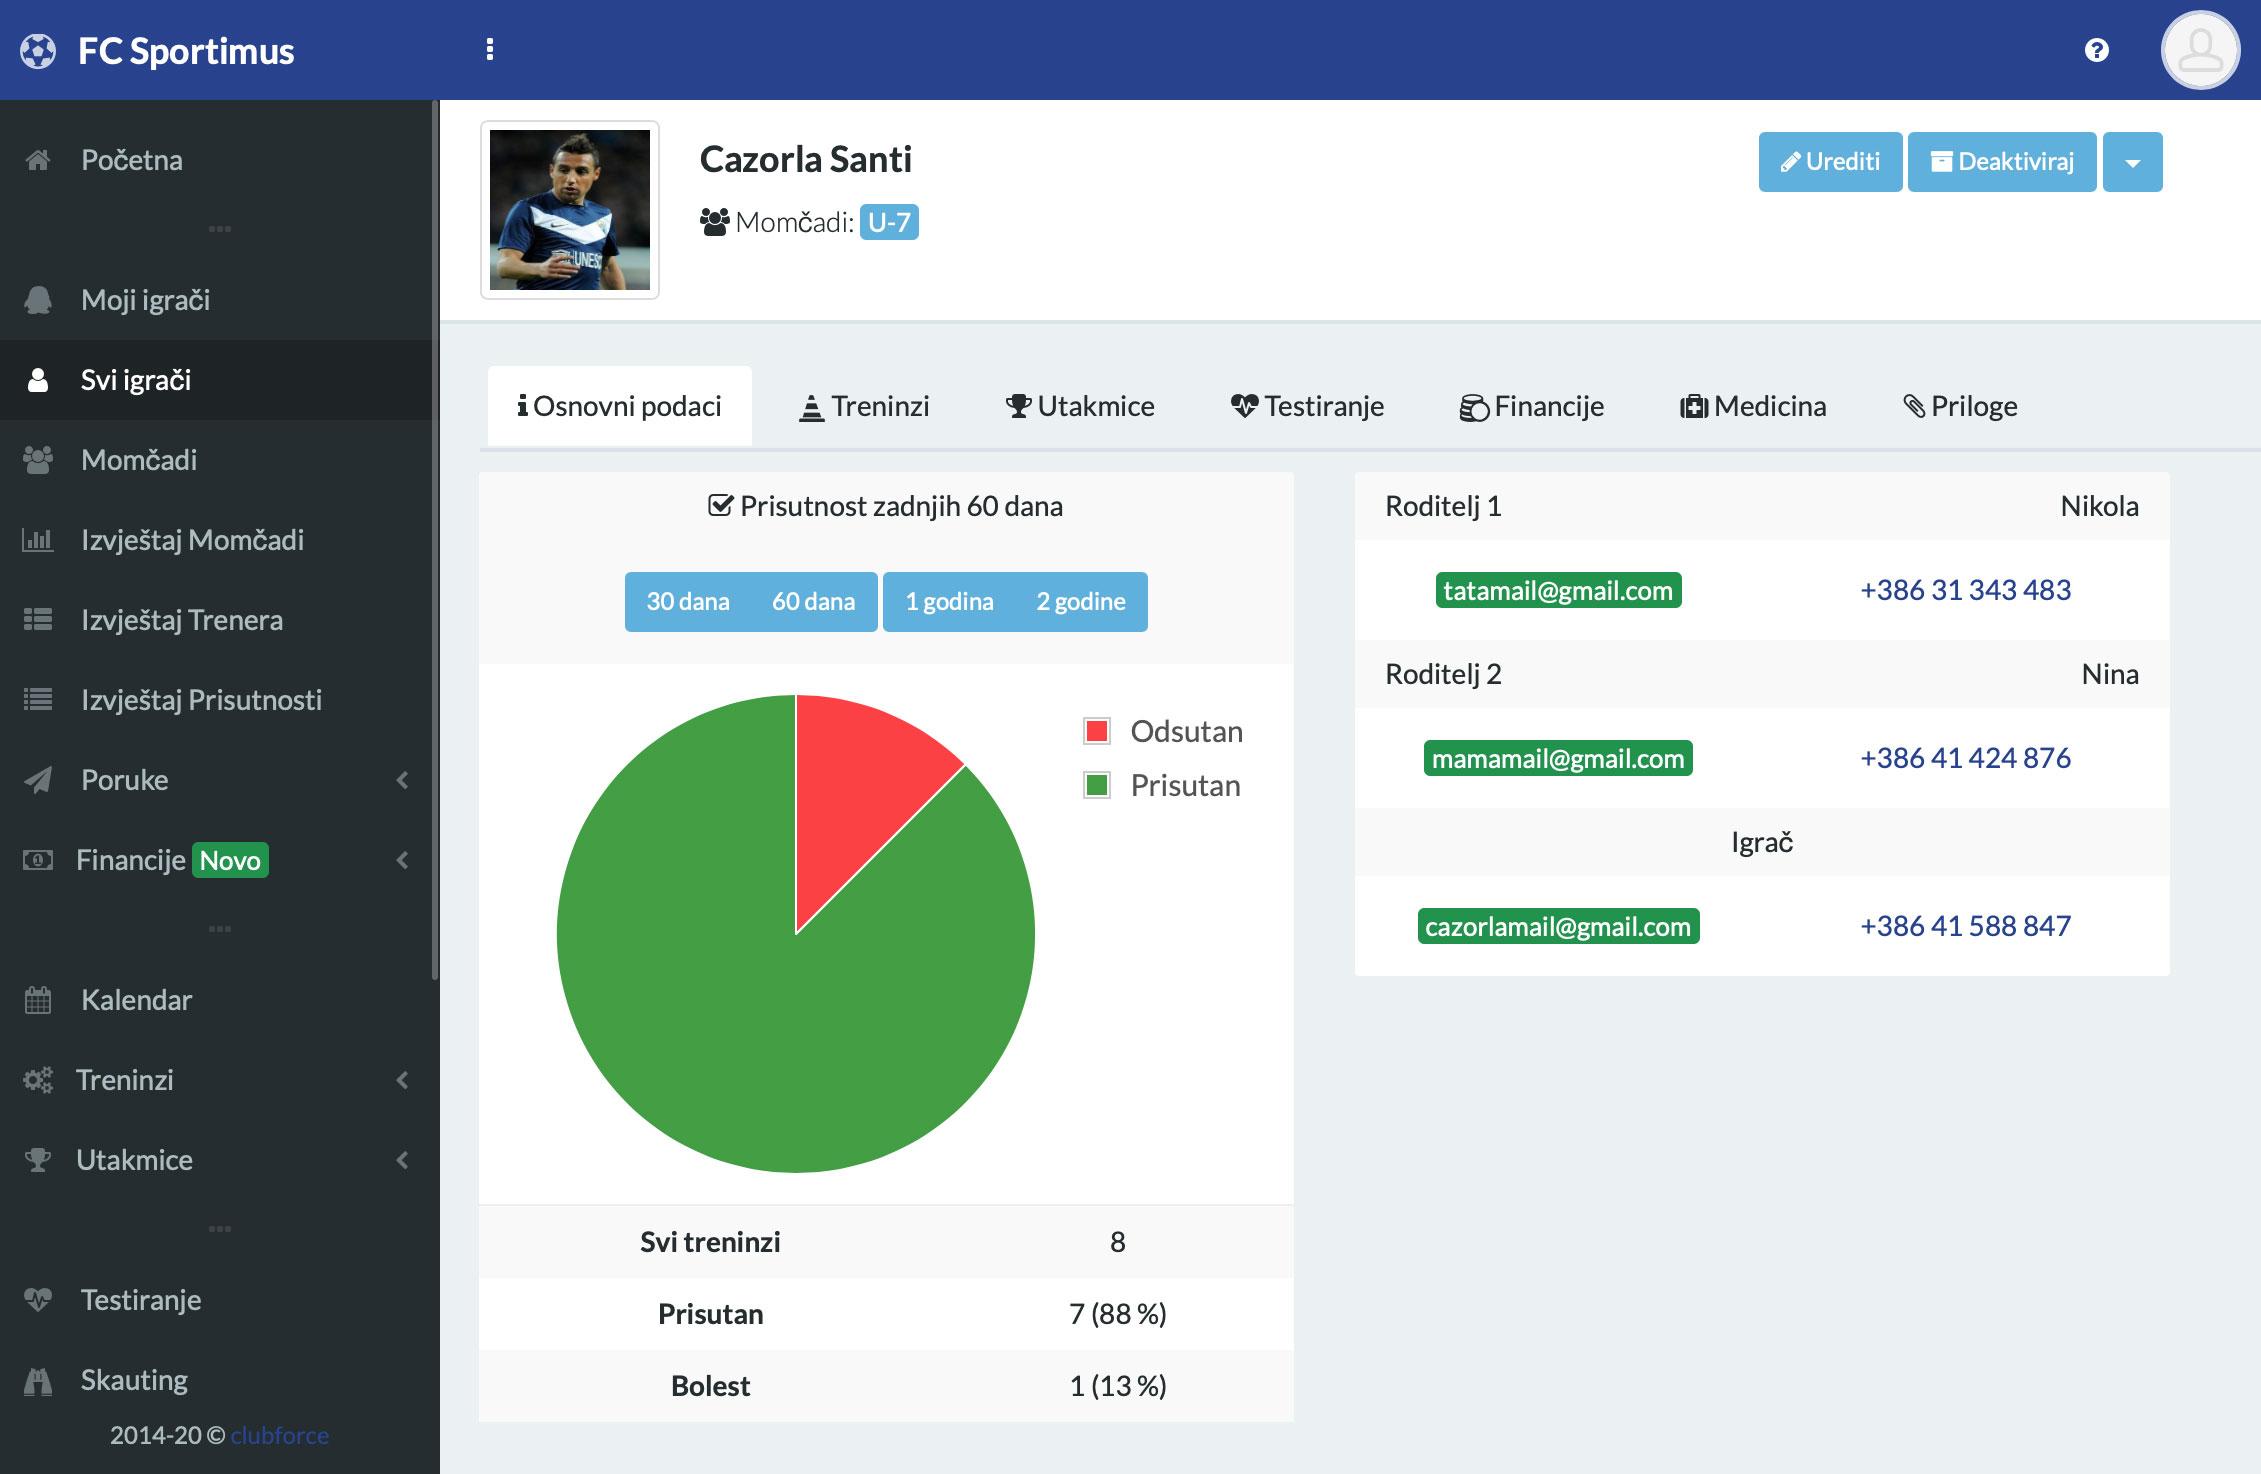 CRO Profil-zdruzen